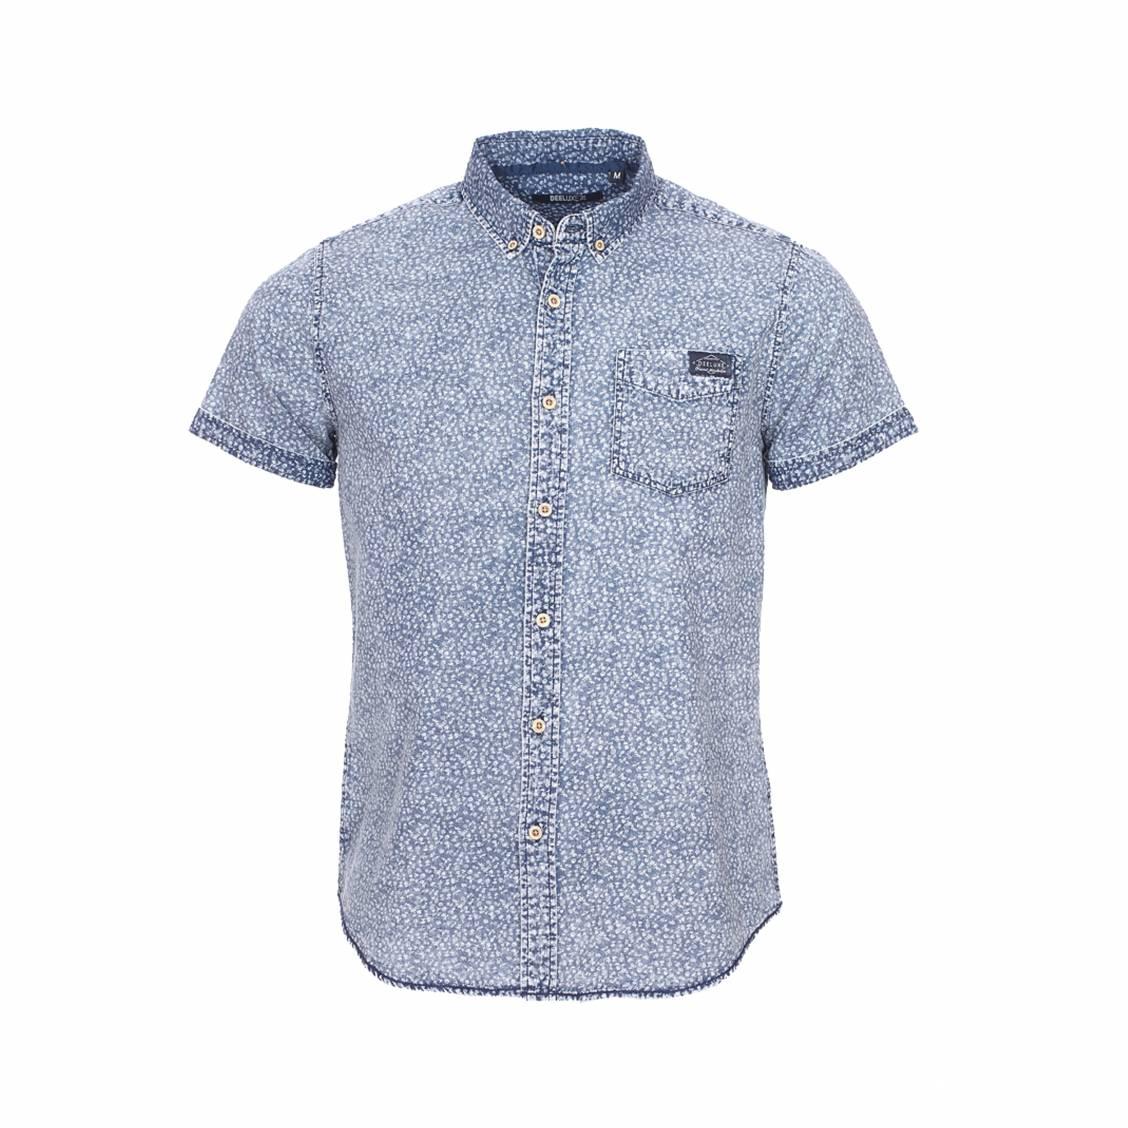 Chemise manches courtes  armeria en coton bleu effet délavé à motif floral